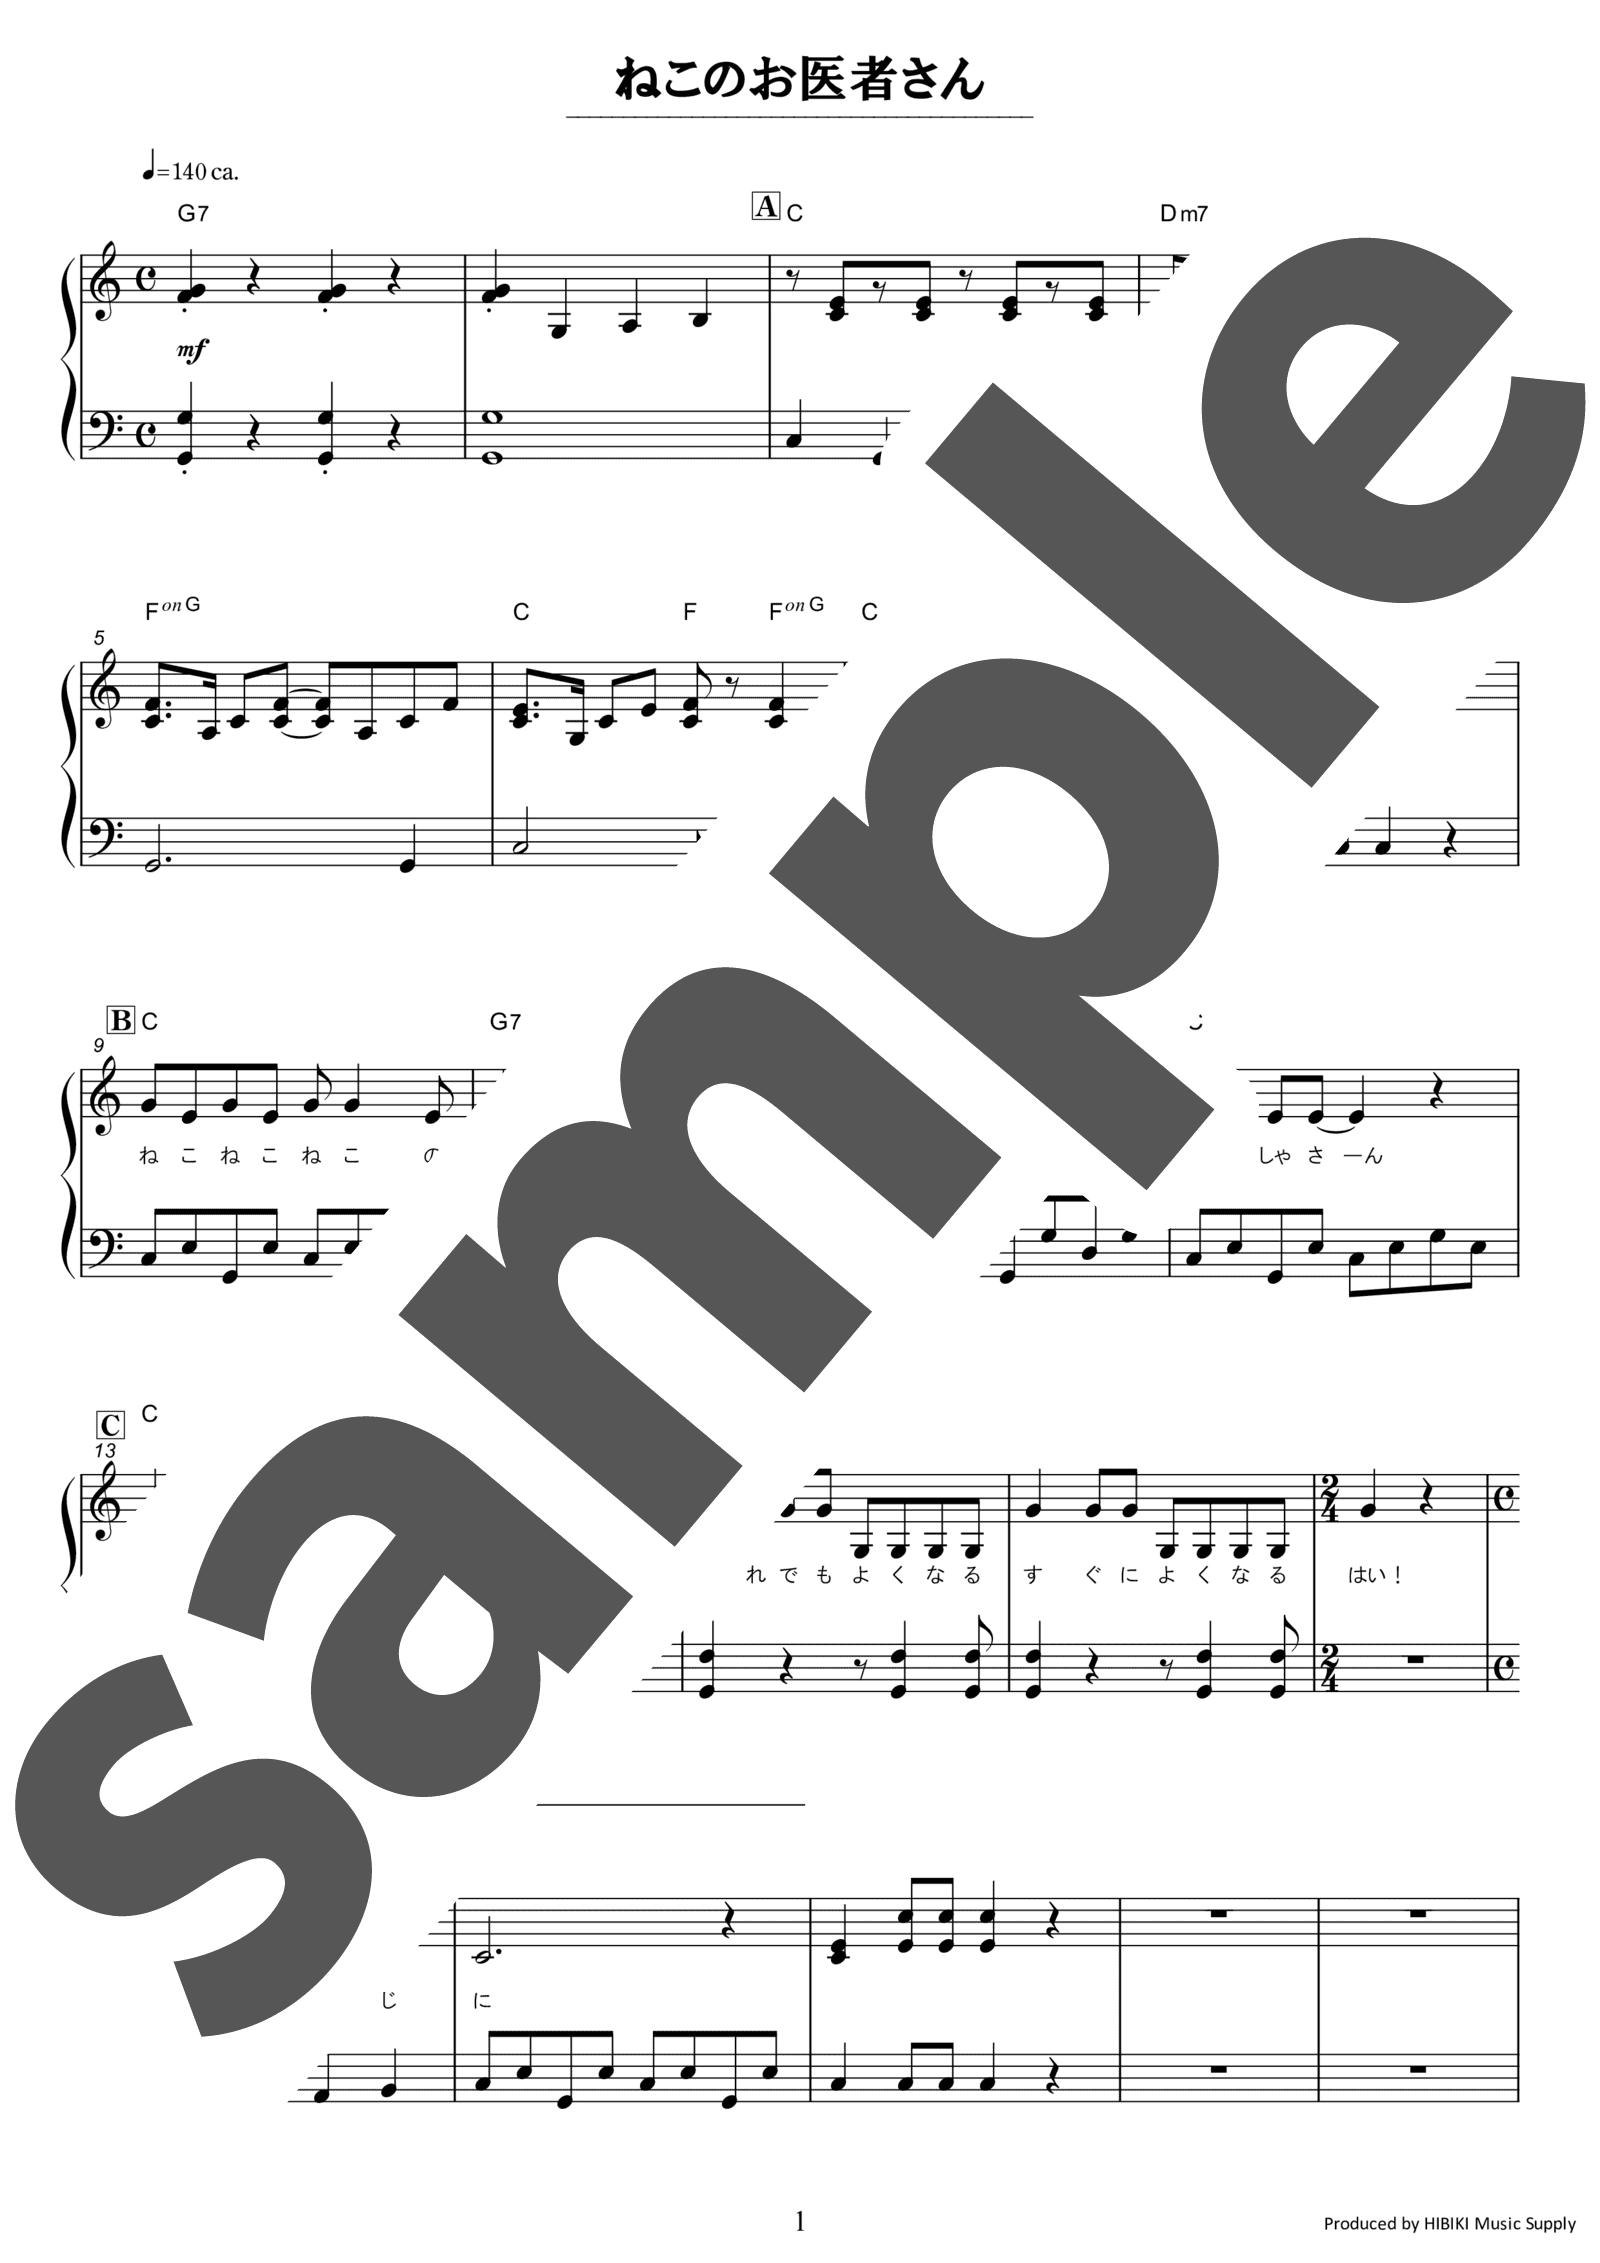 「ねこのお医者さん」のサンプル楽譜